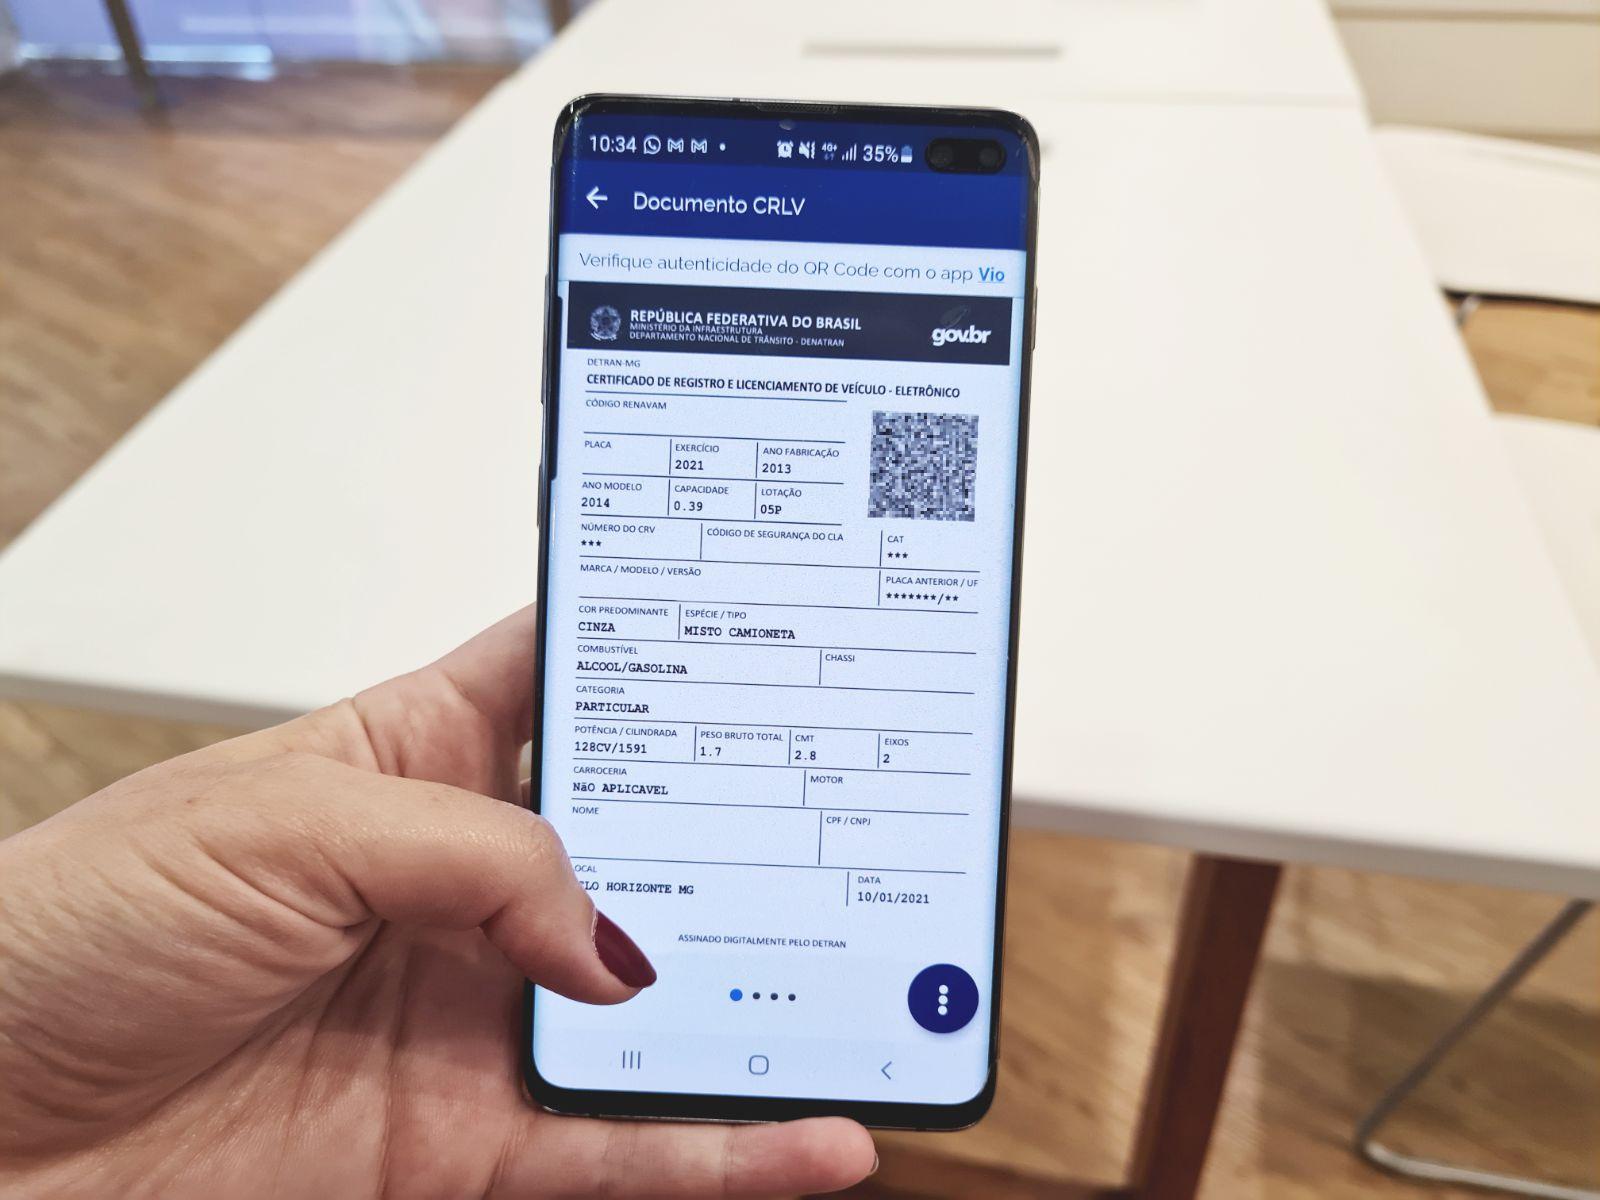 celular com o crlv certificado de registro e licenciamento de veiculo aberto 1